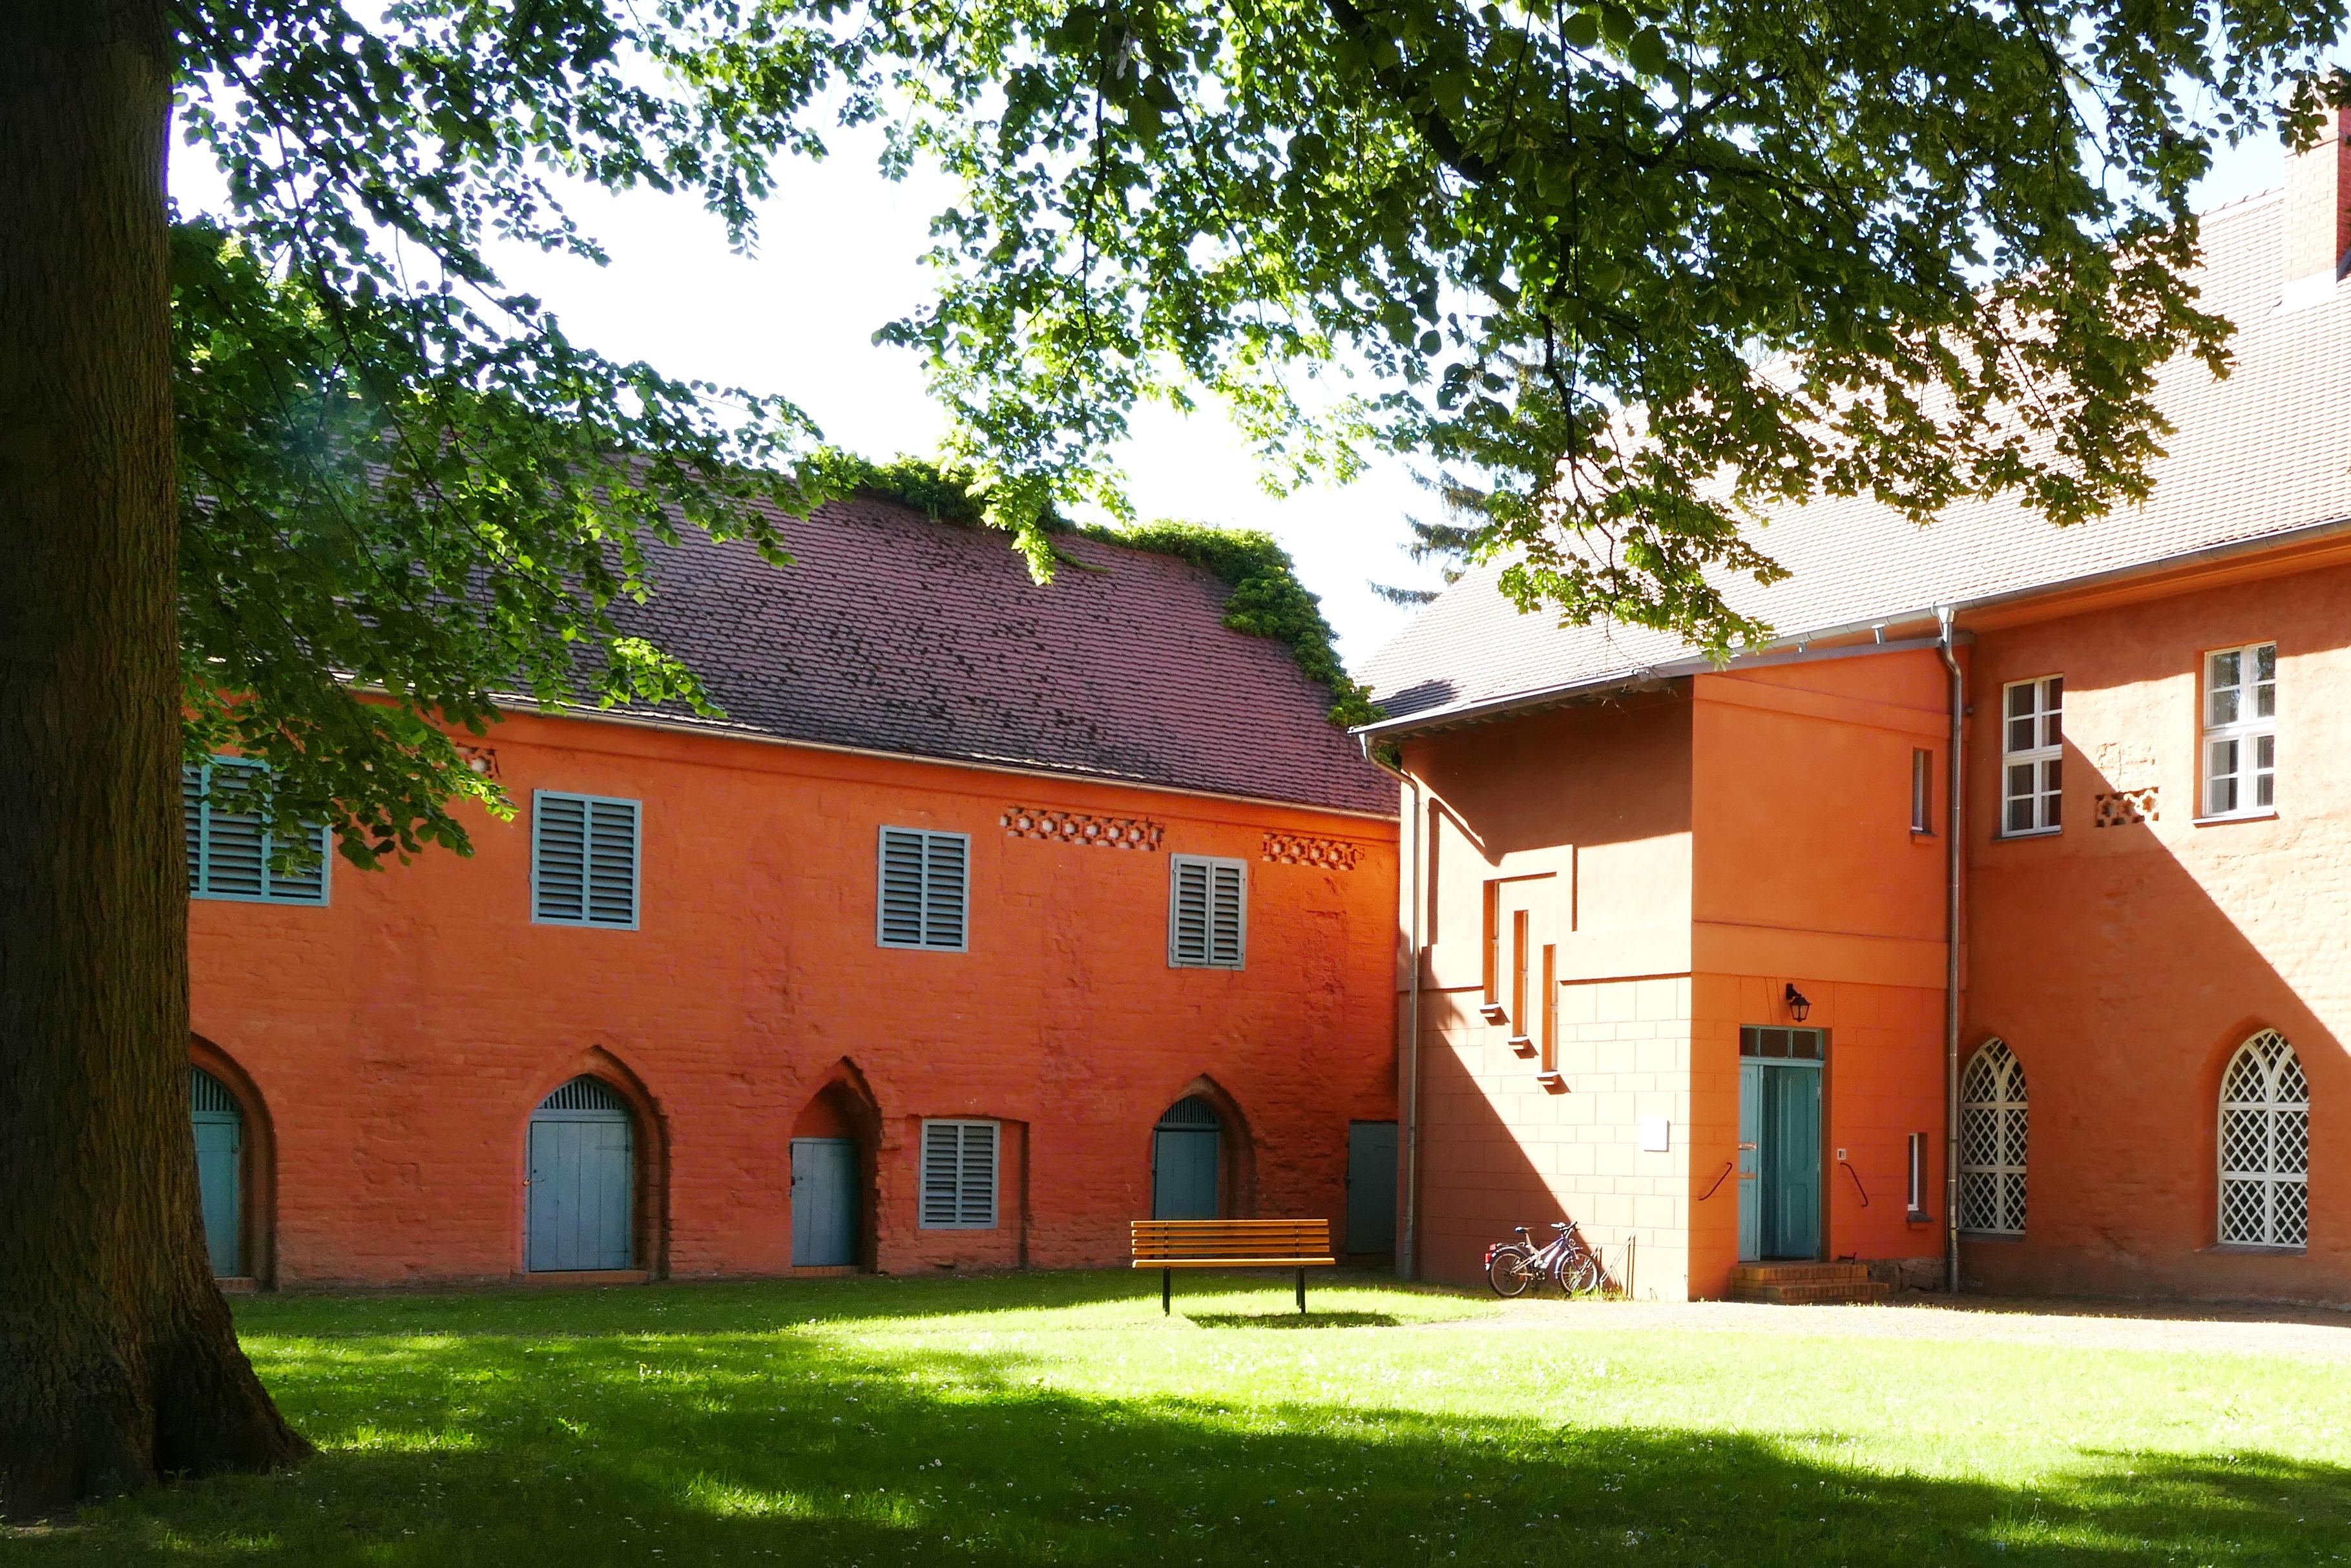 Kloster-Innenhof